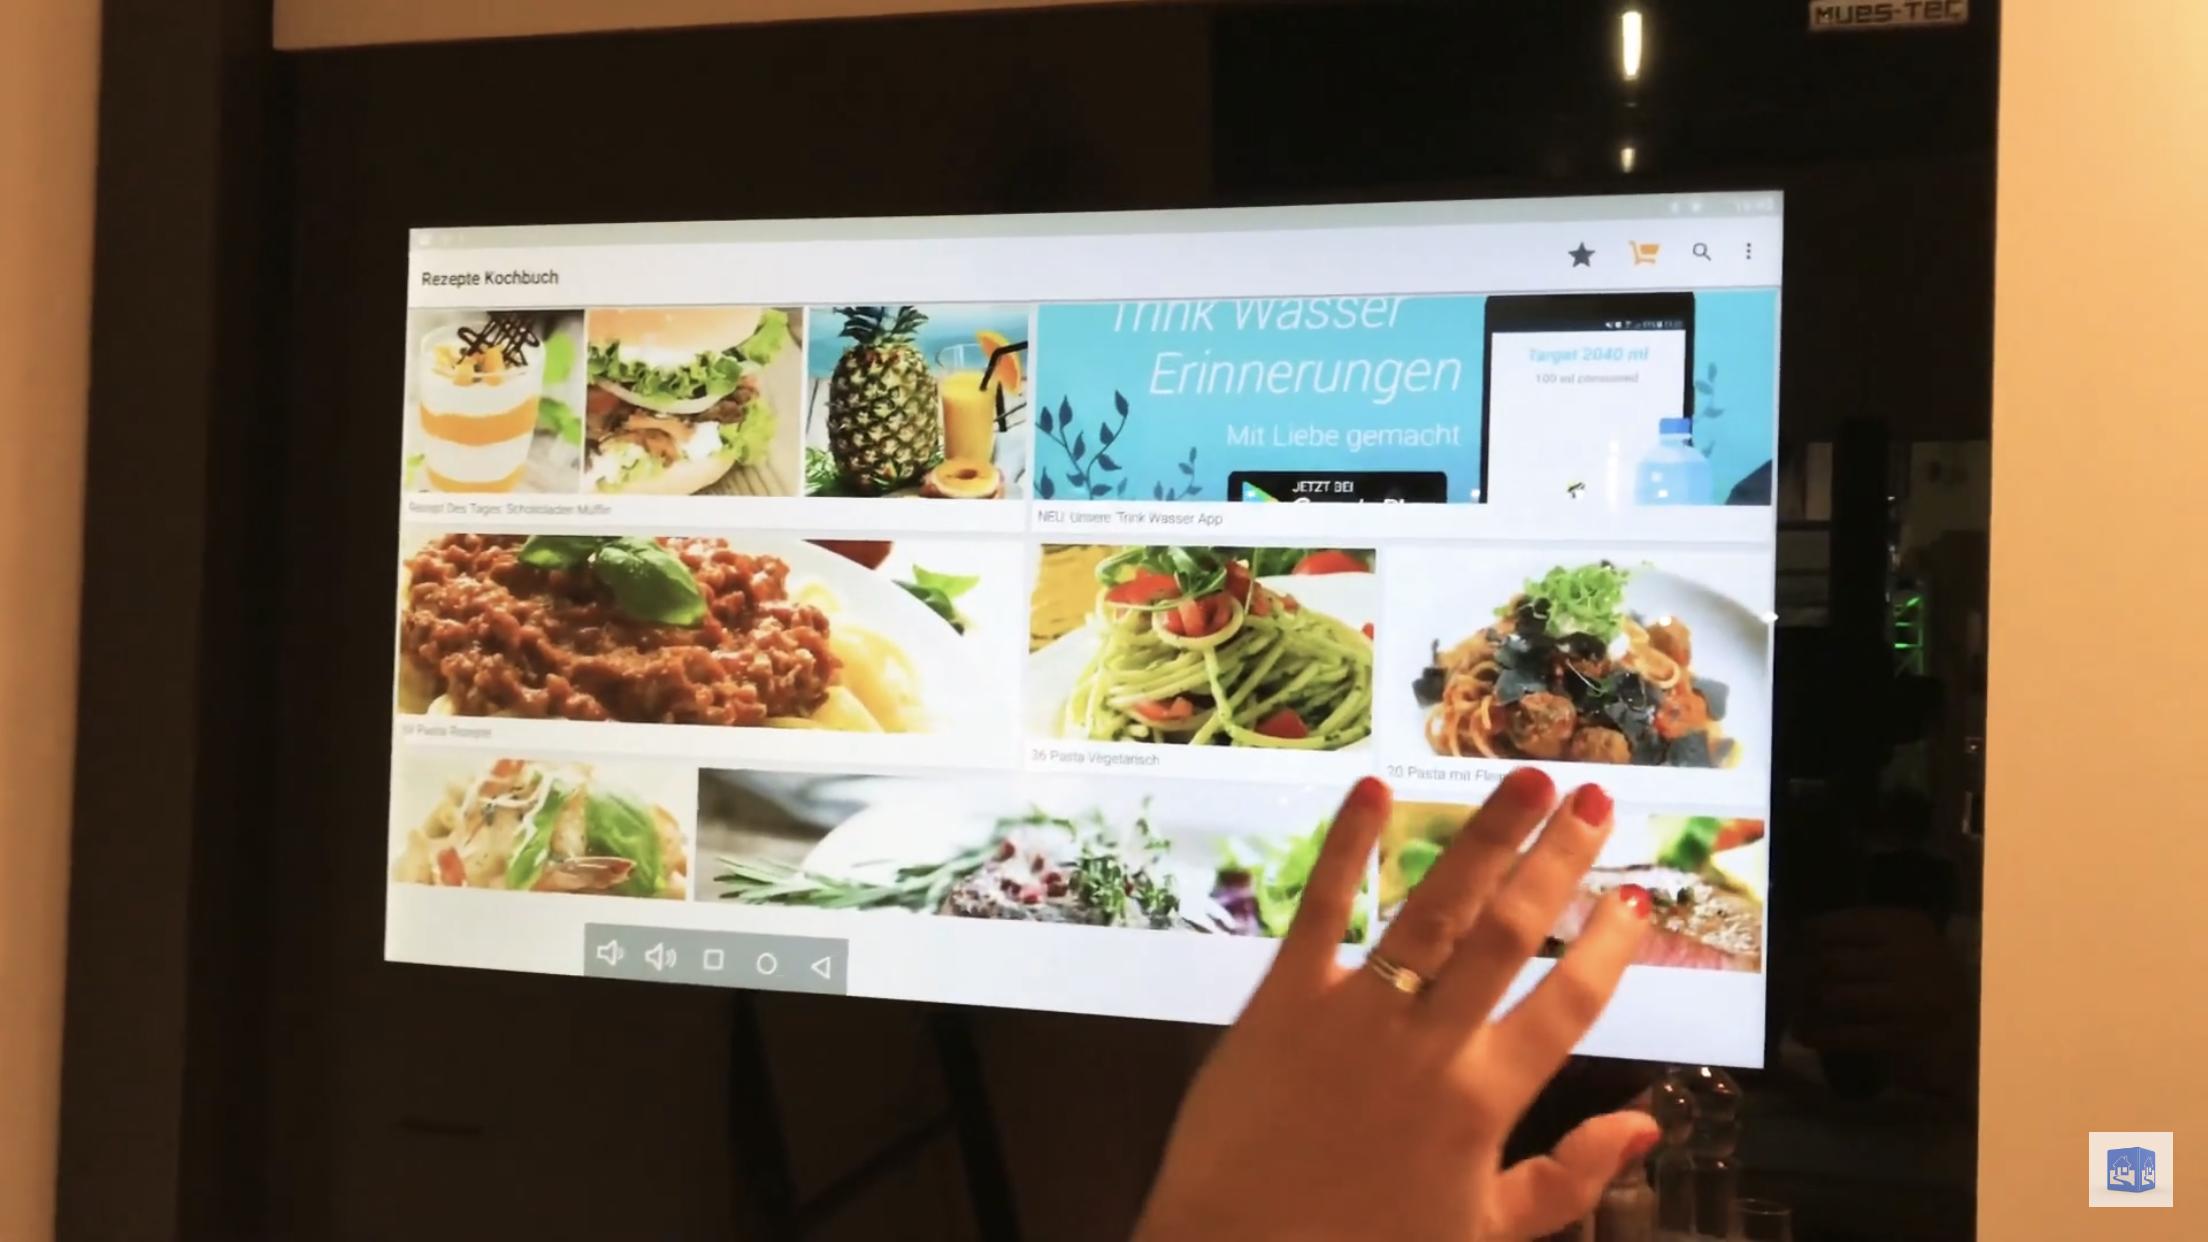 Das digitale Kochbuch auf der Schranktür in der Küche - auch mit Kamera zum Video-Chat mit einem Spitzenkoch oder der Familie.